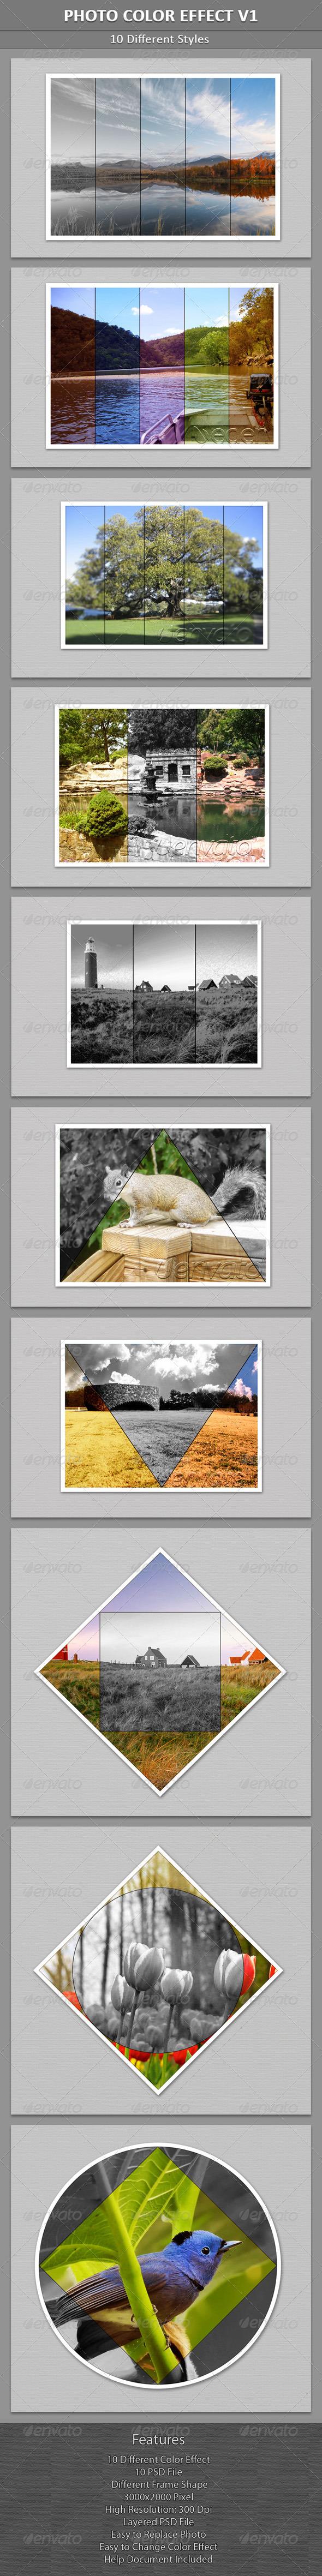 Photo Color Effect V1